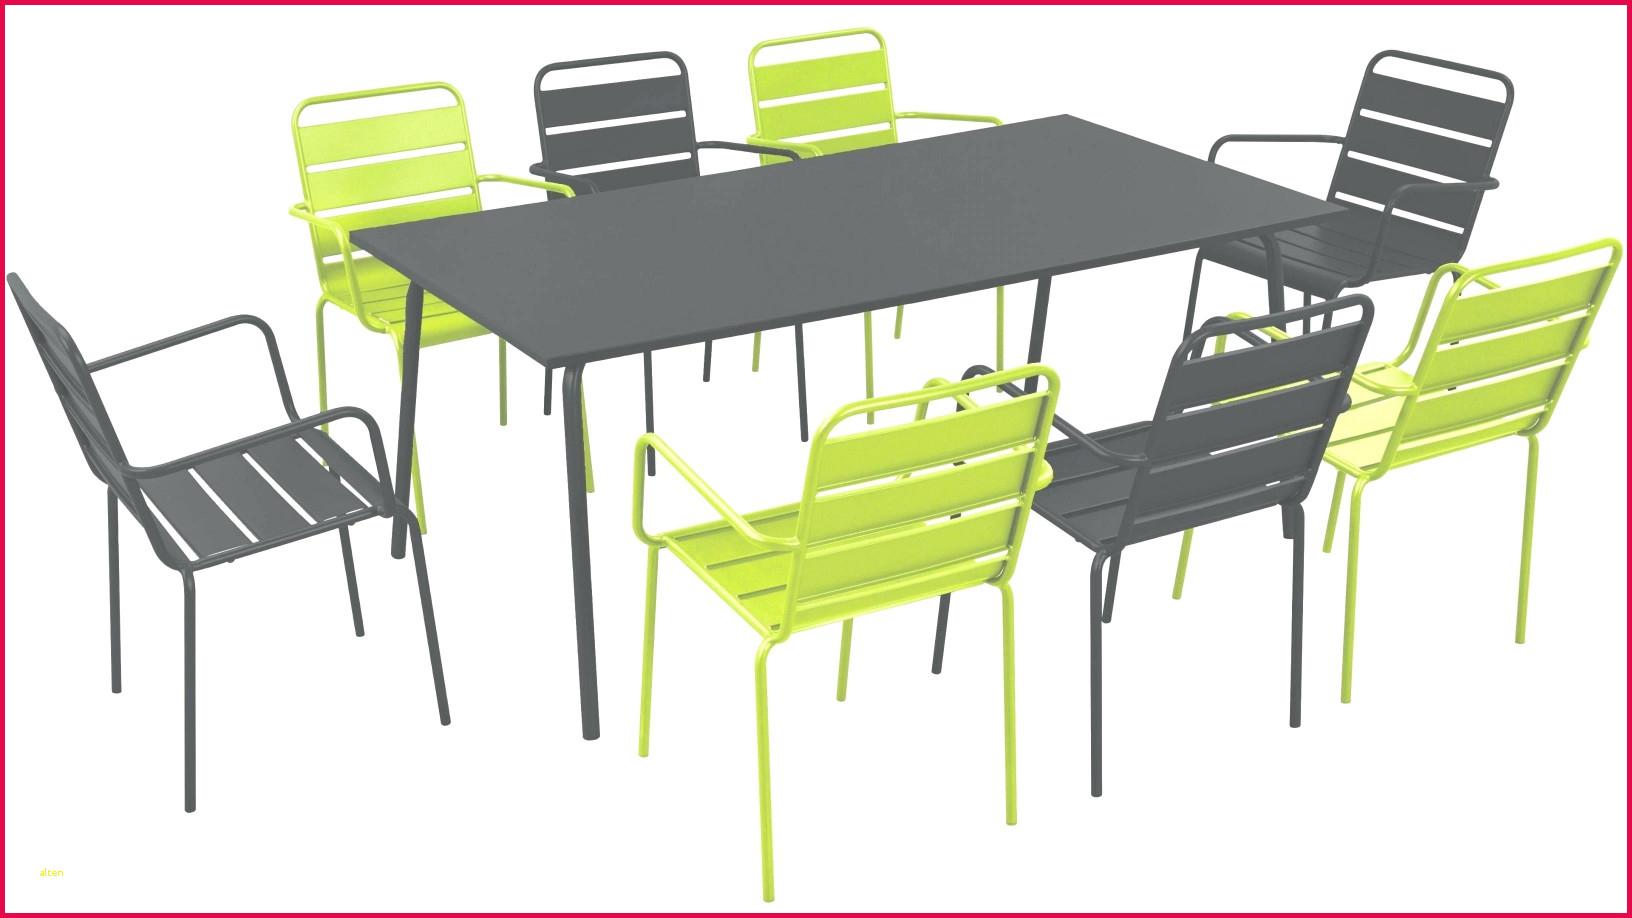 Petite Table Pliante Gifi Frais Photos 20 Fantastique Table De Jardin Gifi Design